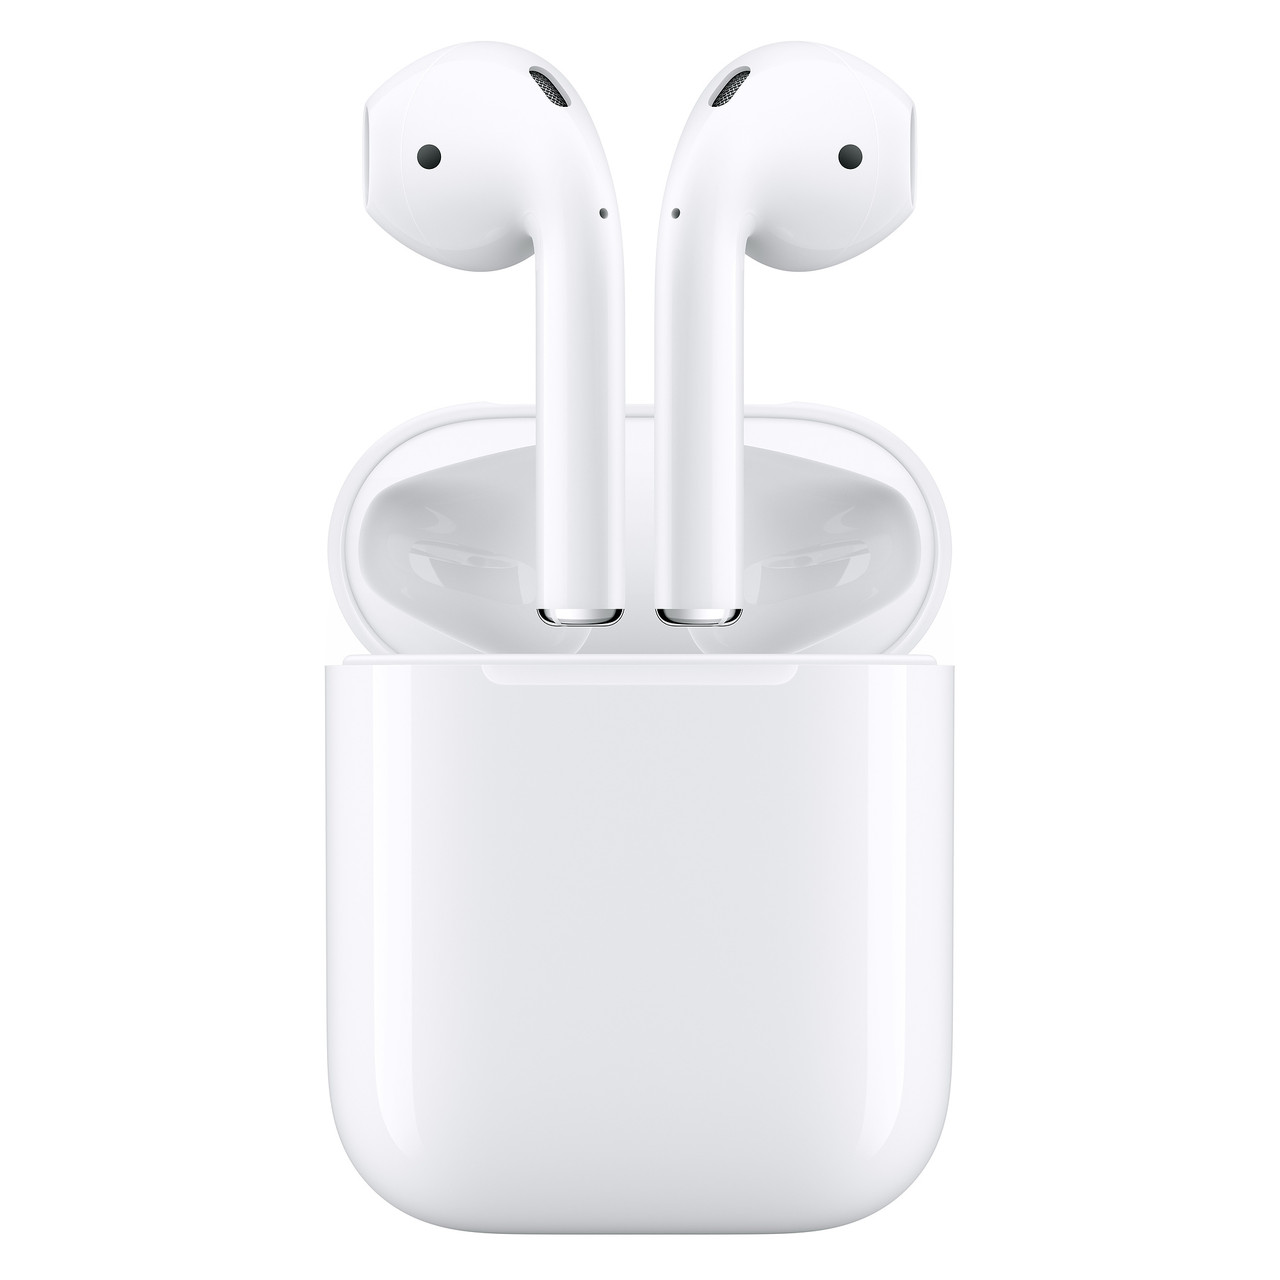 Оригинальные беспроводные наушники Apple AirPods, фото 1